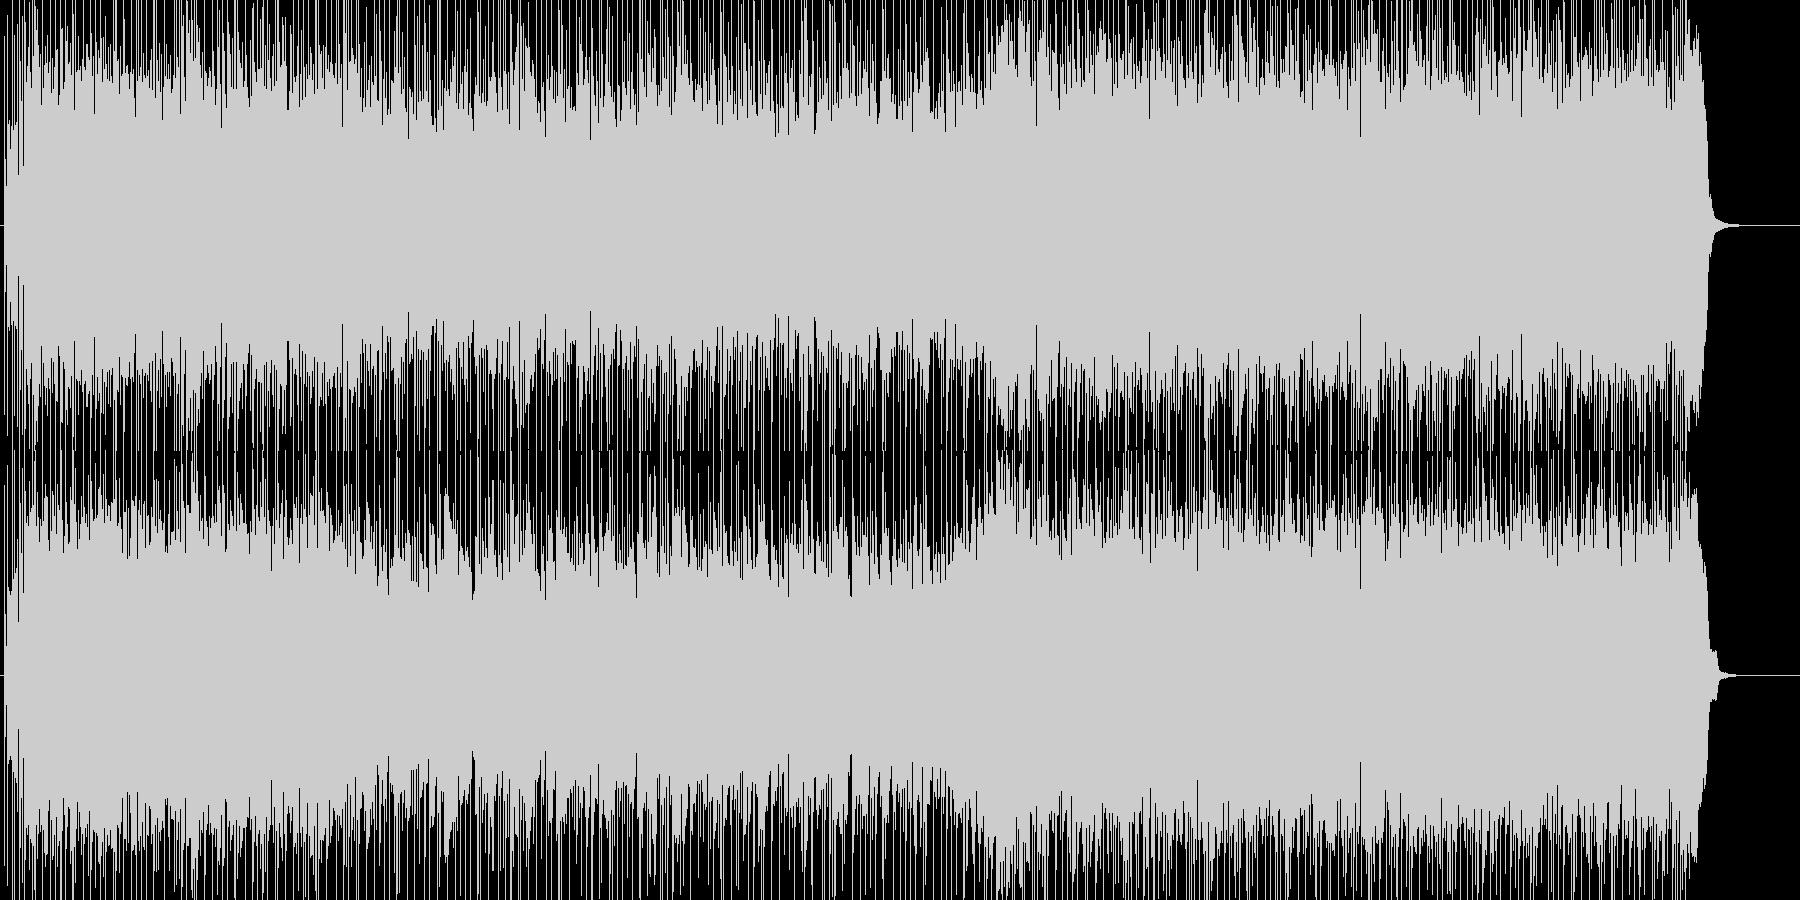 ギターメインの爽やかな店内向けBGMの未再生の波形